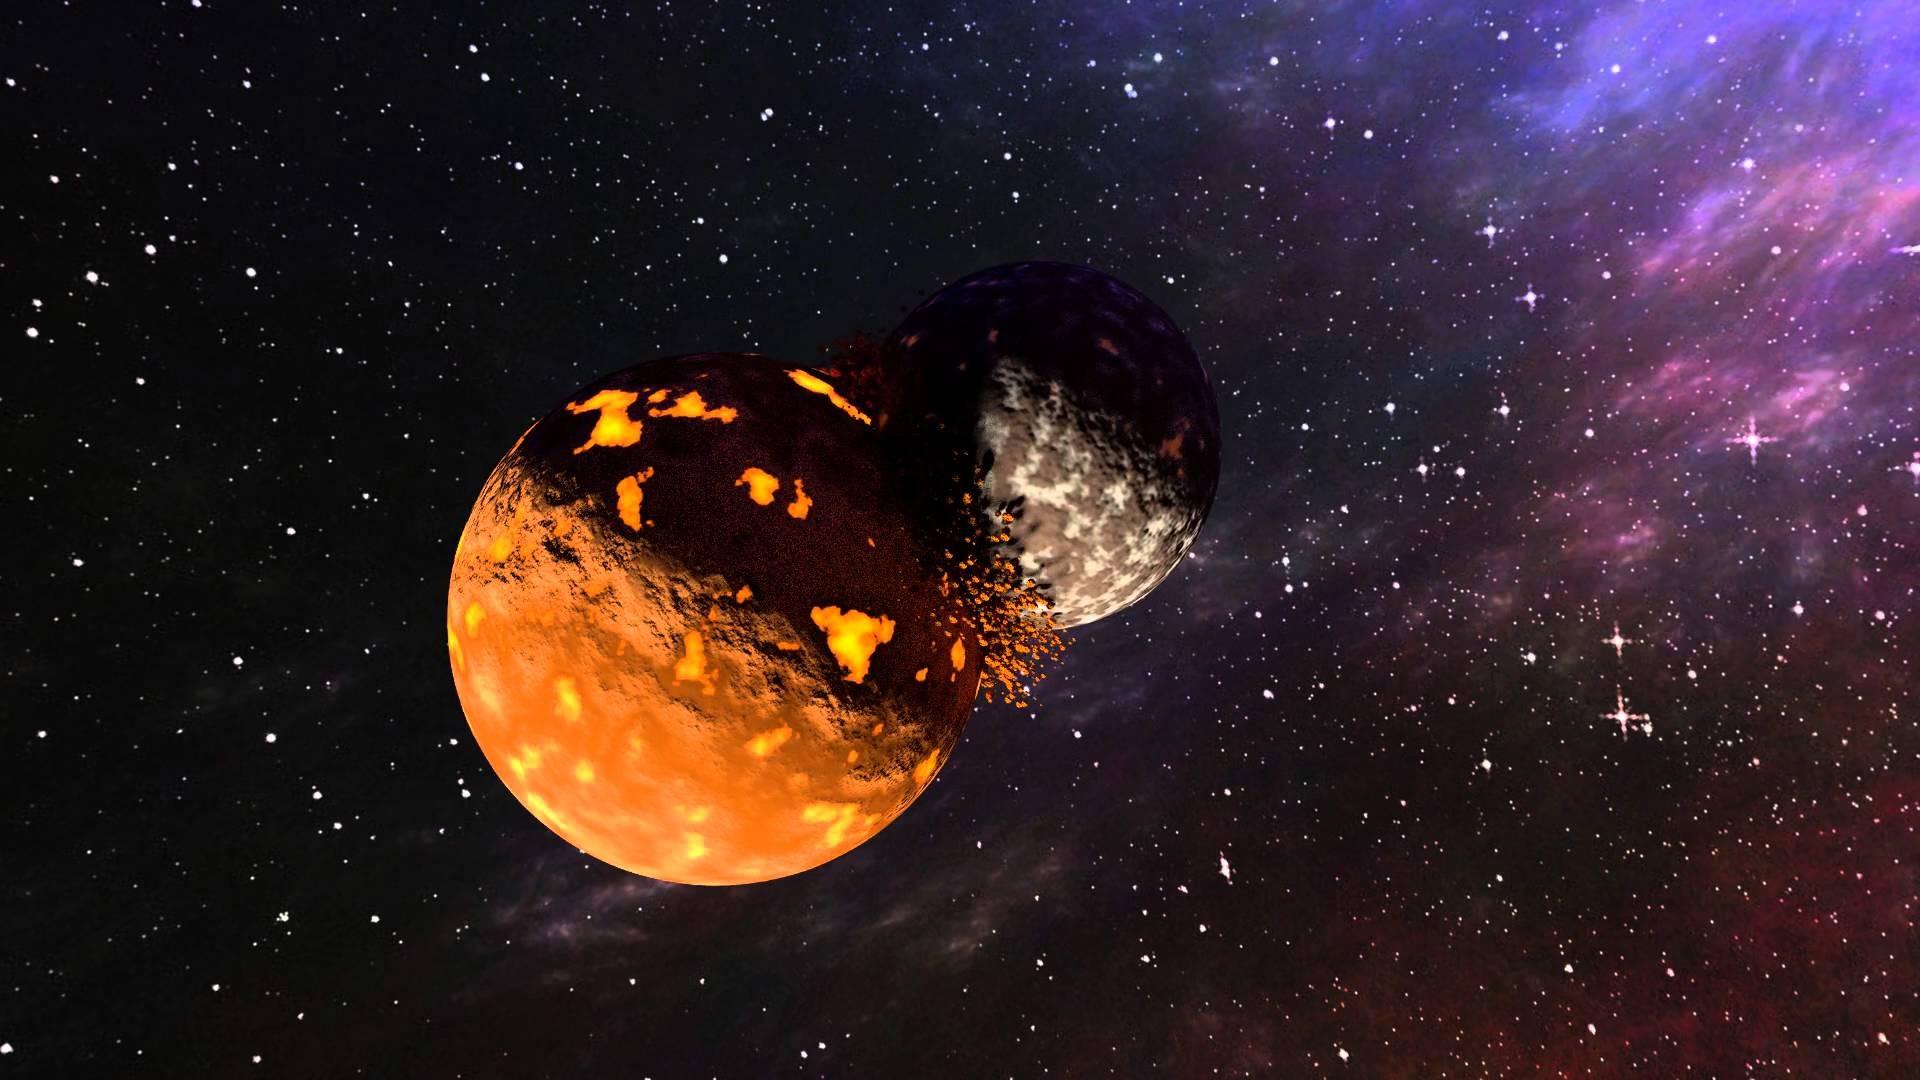 Из-за опасности мощнейших вспышек наСолнце экипаж МКС спрятался вукрытии